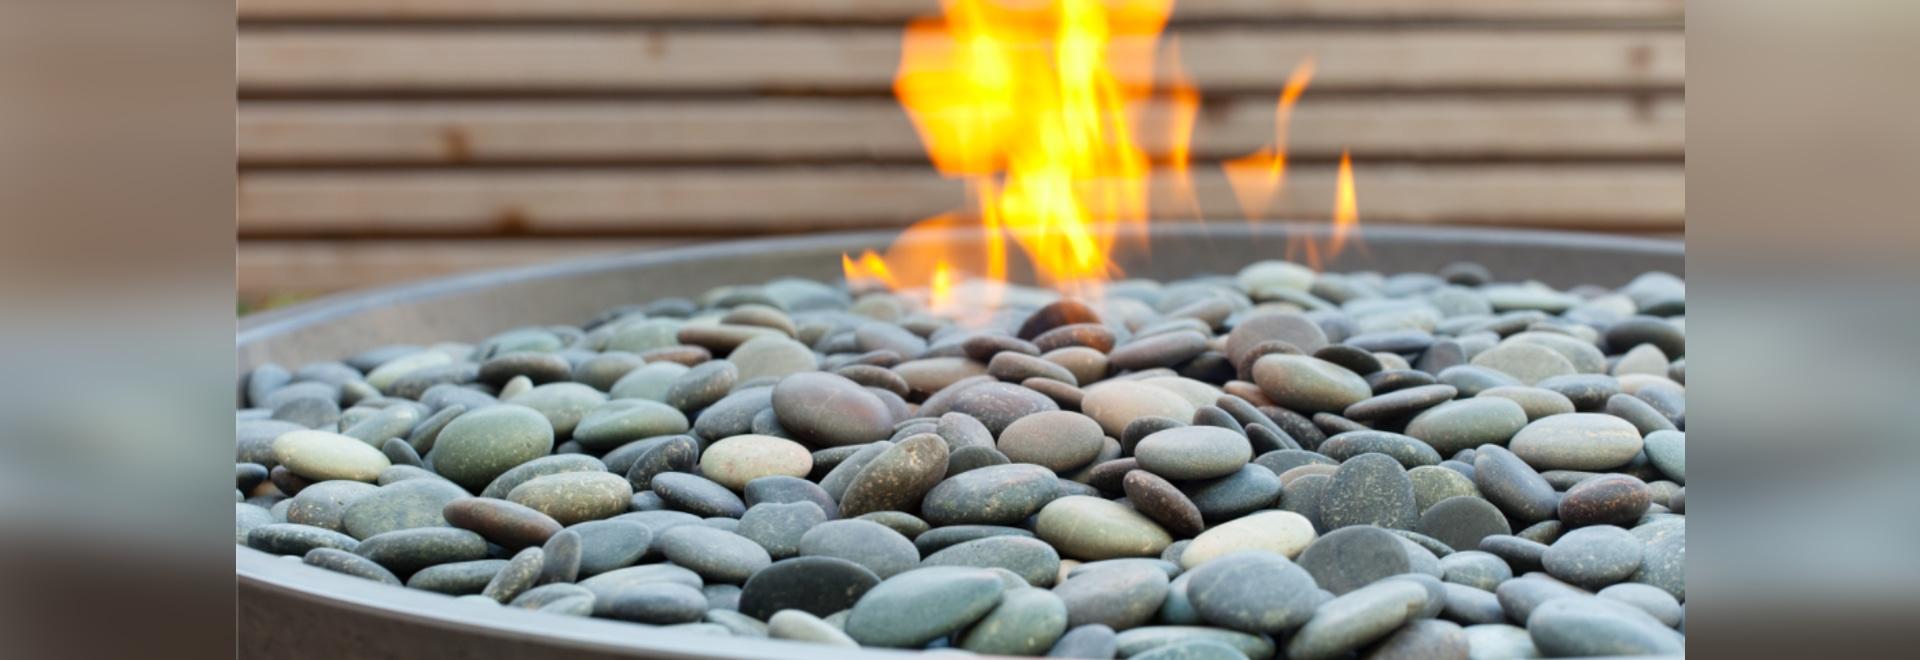 Miso concrete fire bowl - detail